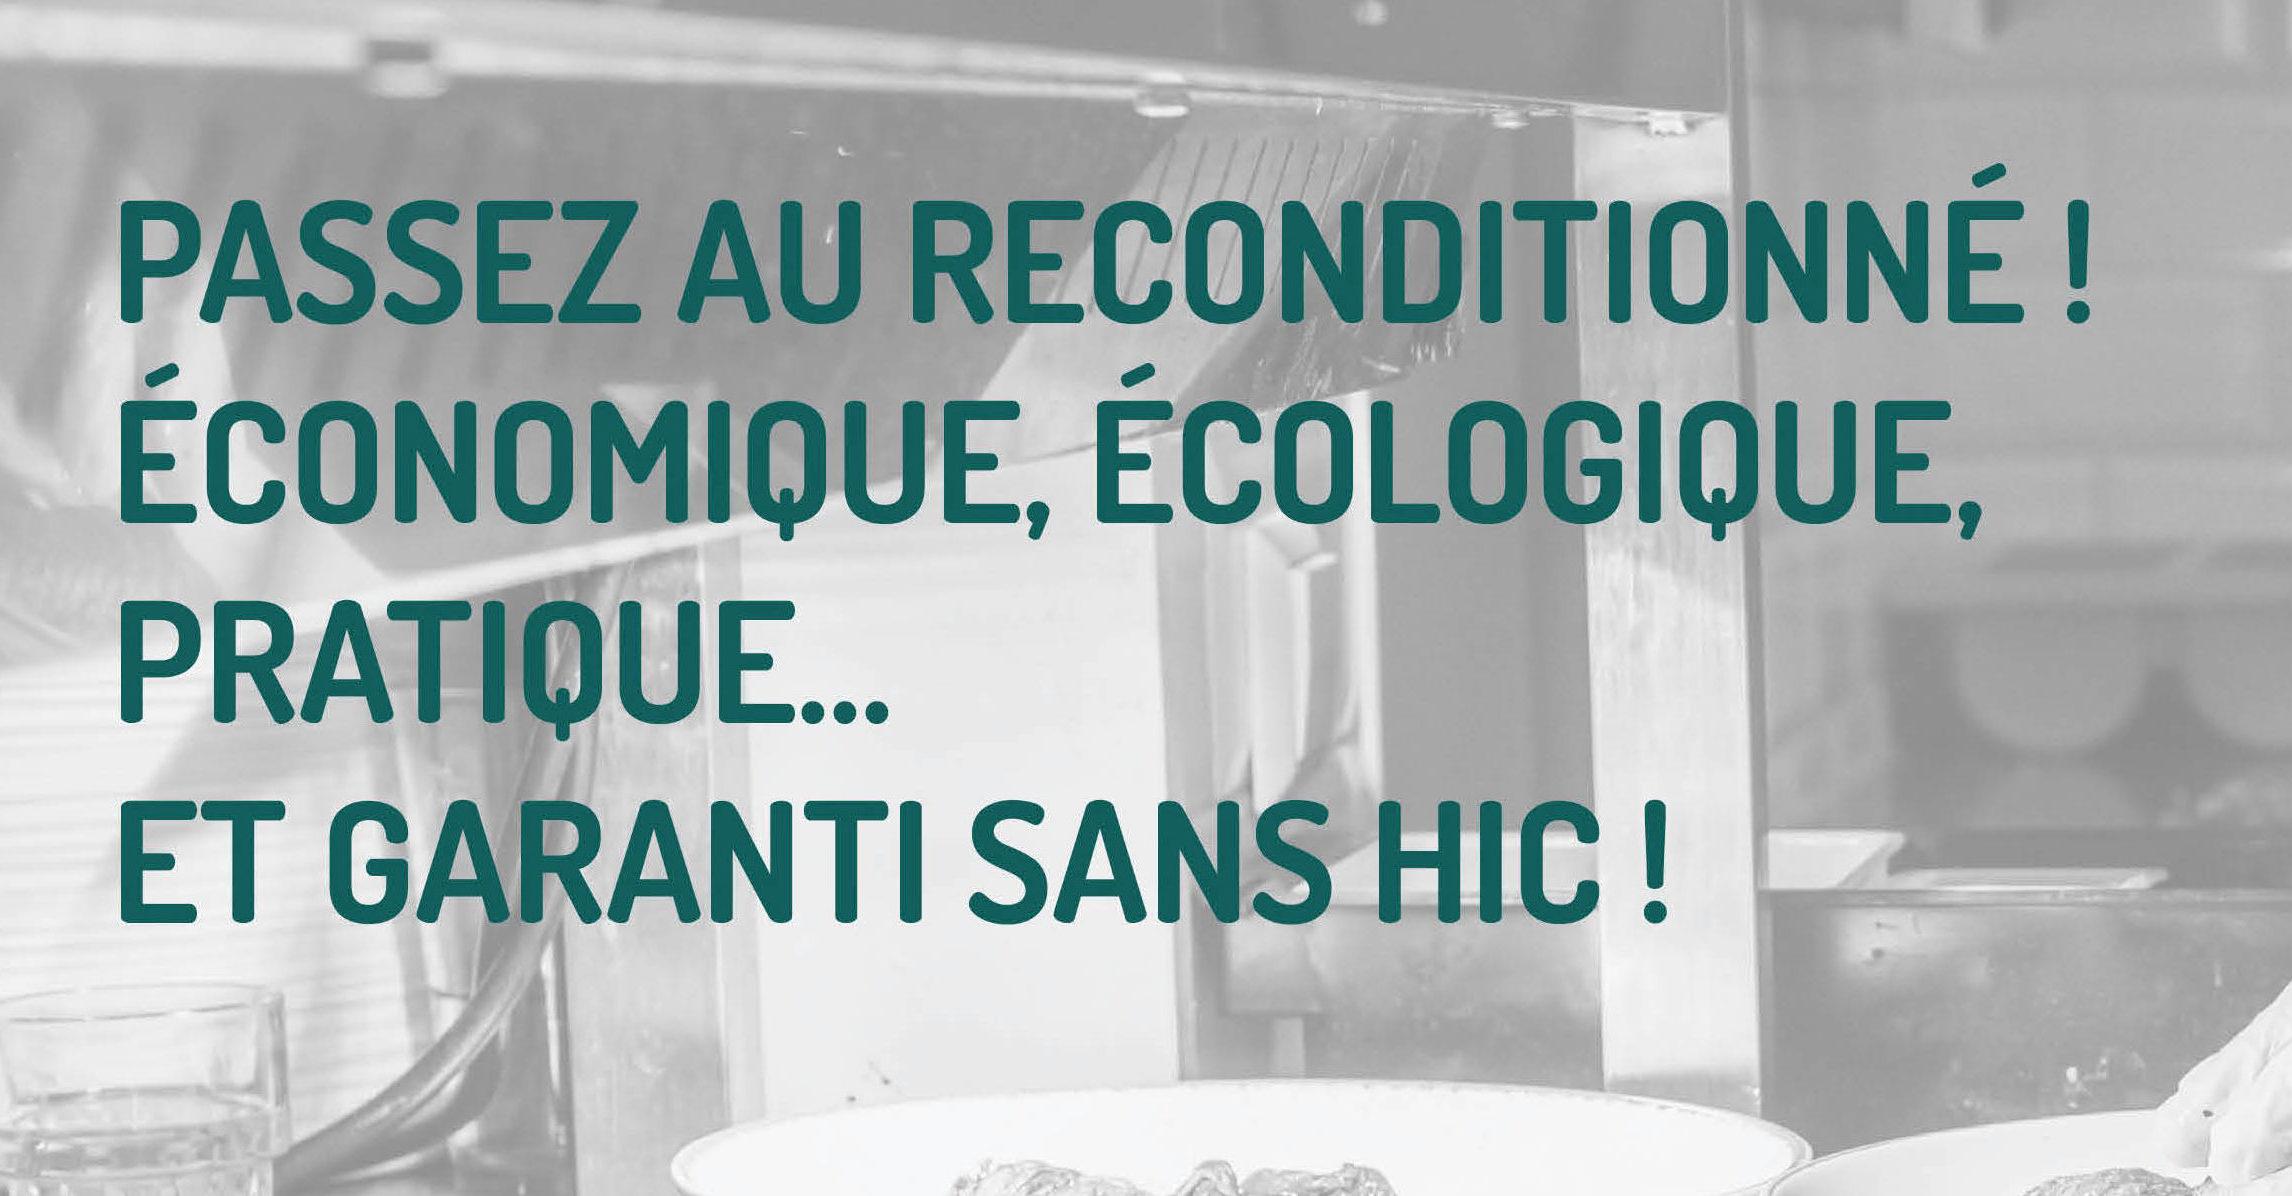 """Passez au reconditionn"""", économique, écologique, pratique, et garanti sans hic"""